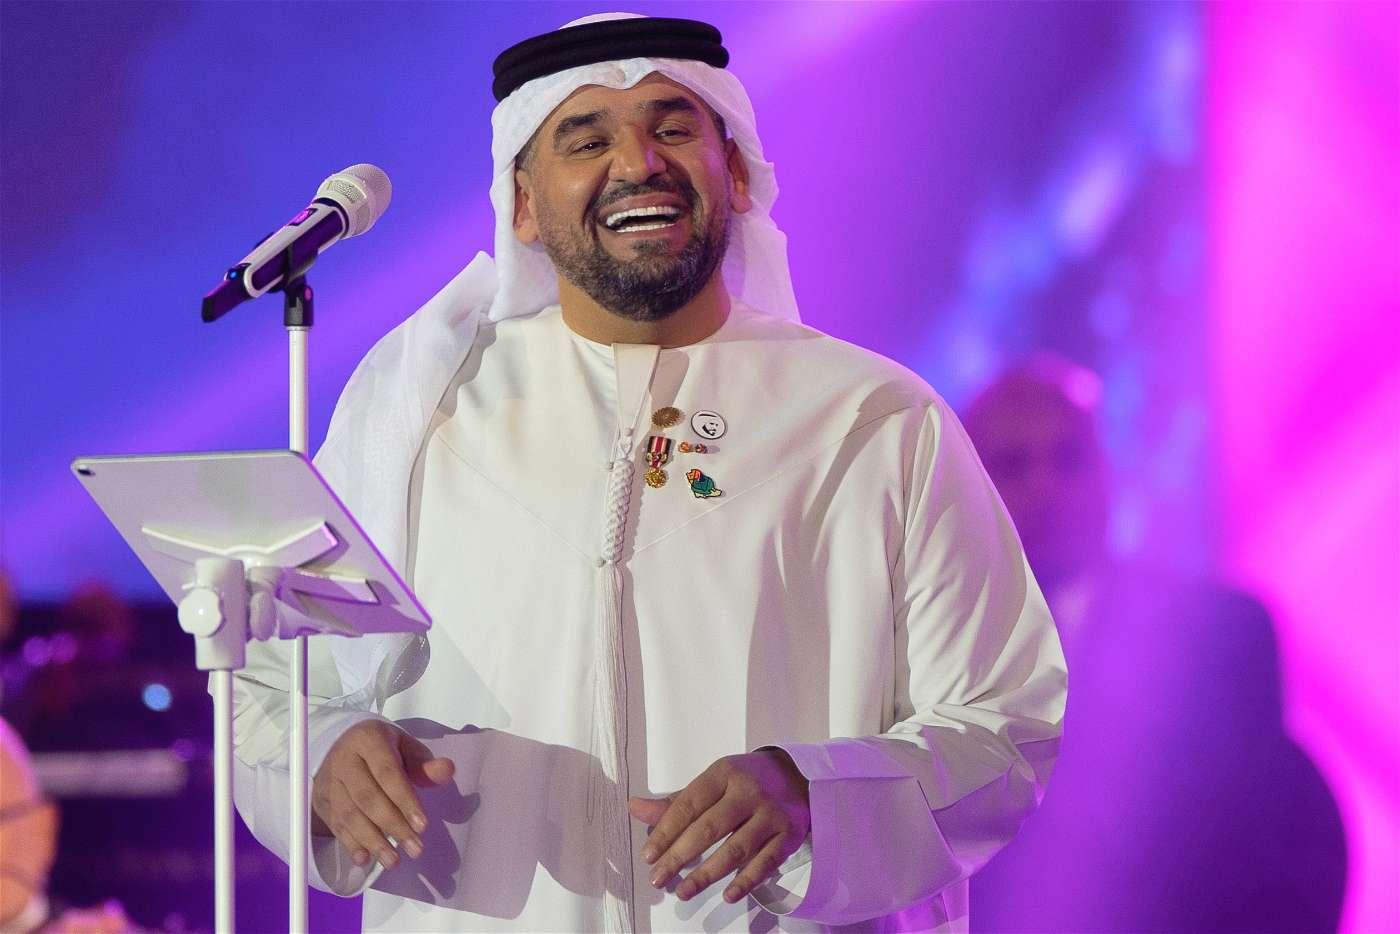 بالصور..حسين الجسمي طرب السعوديين إحتفالاً باليوم الوطني ال91 للمملكة